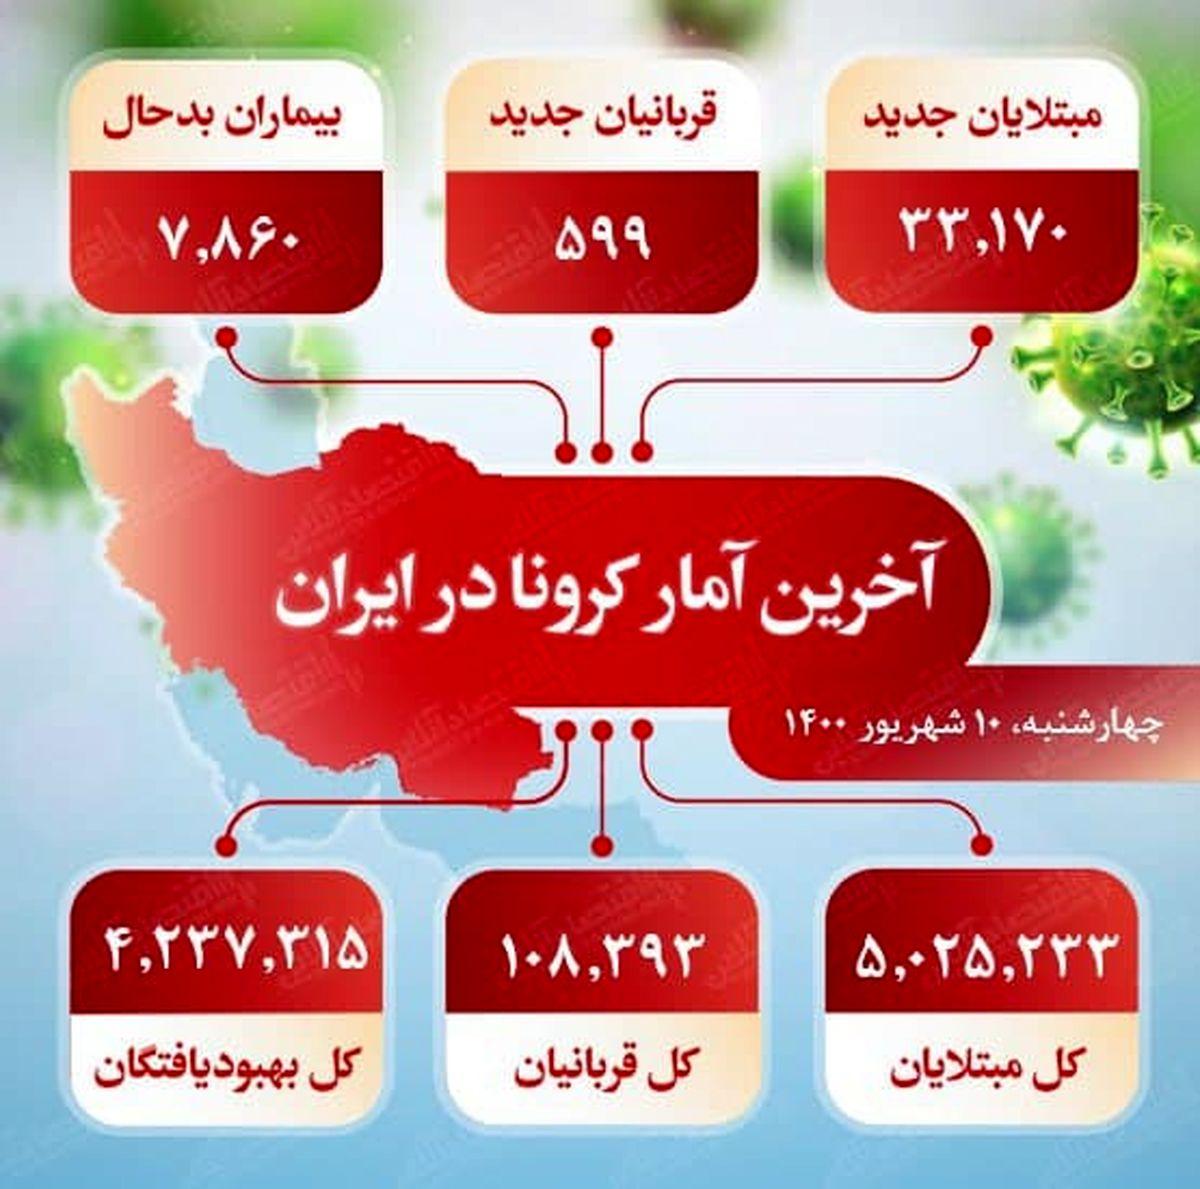 آخرین آمار کرونا در ایران (۱۴۰۰/۶/۱۰)